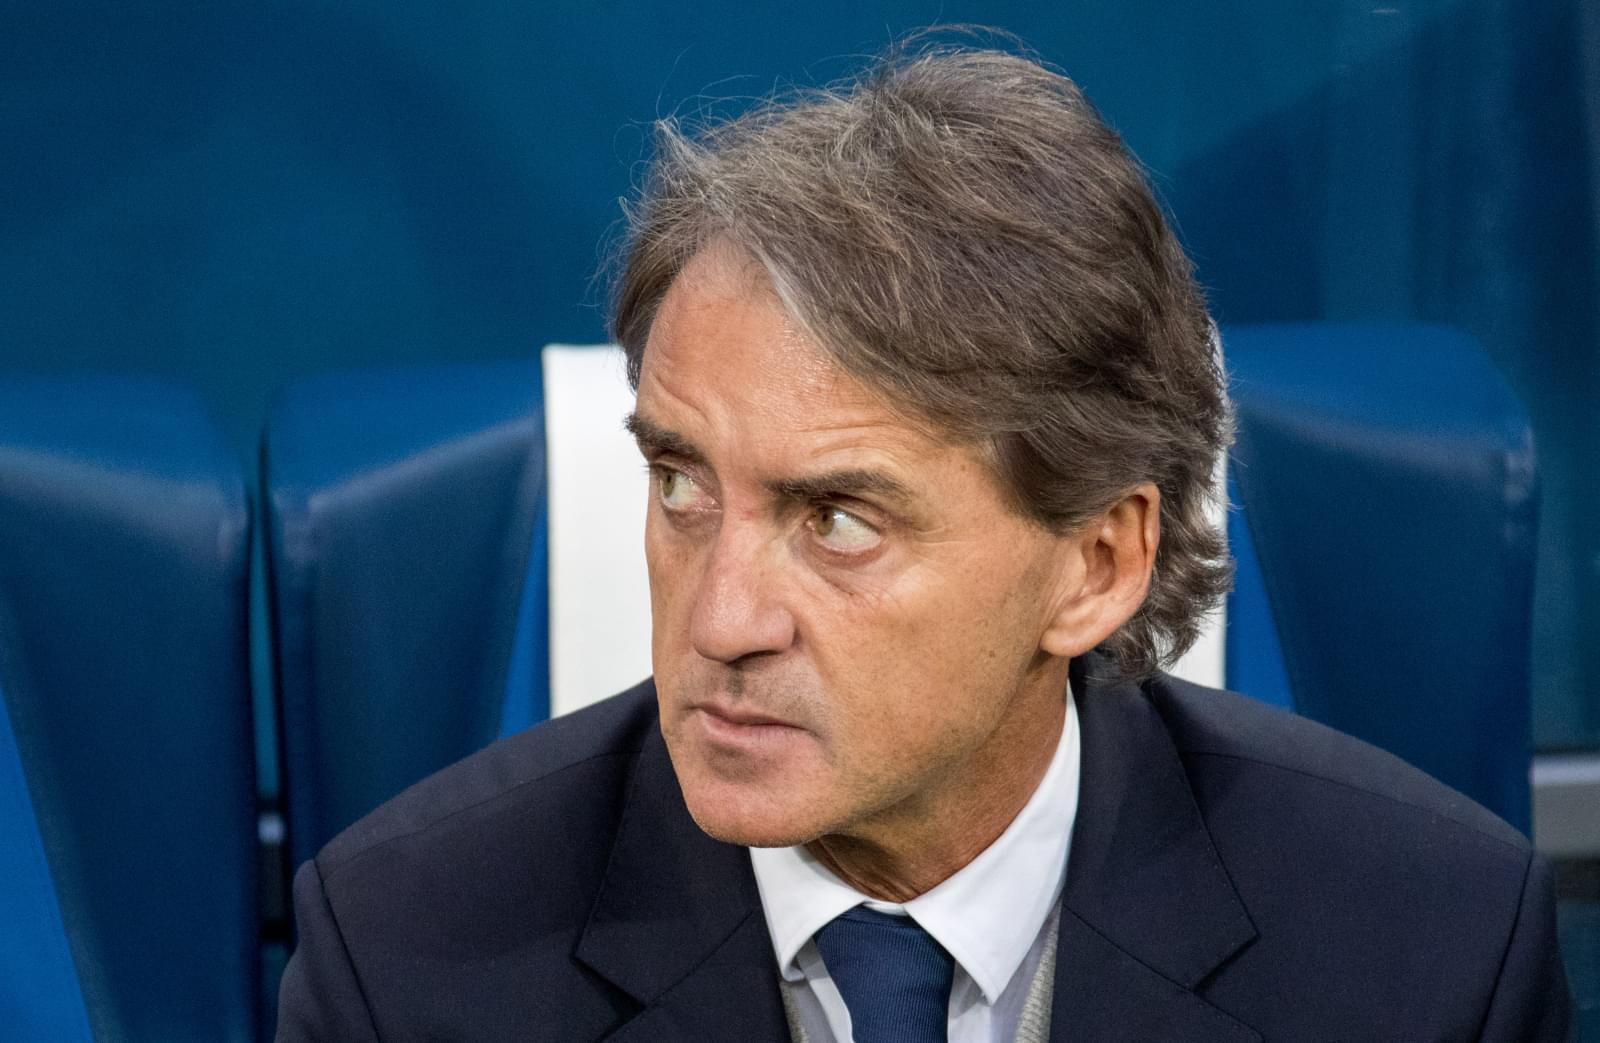 СМИ: 28 мая Роберто Манчини проведет товарищеский матч с Саудовской Аравией в качестве главного тренера сборной Италии - фото